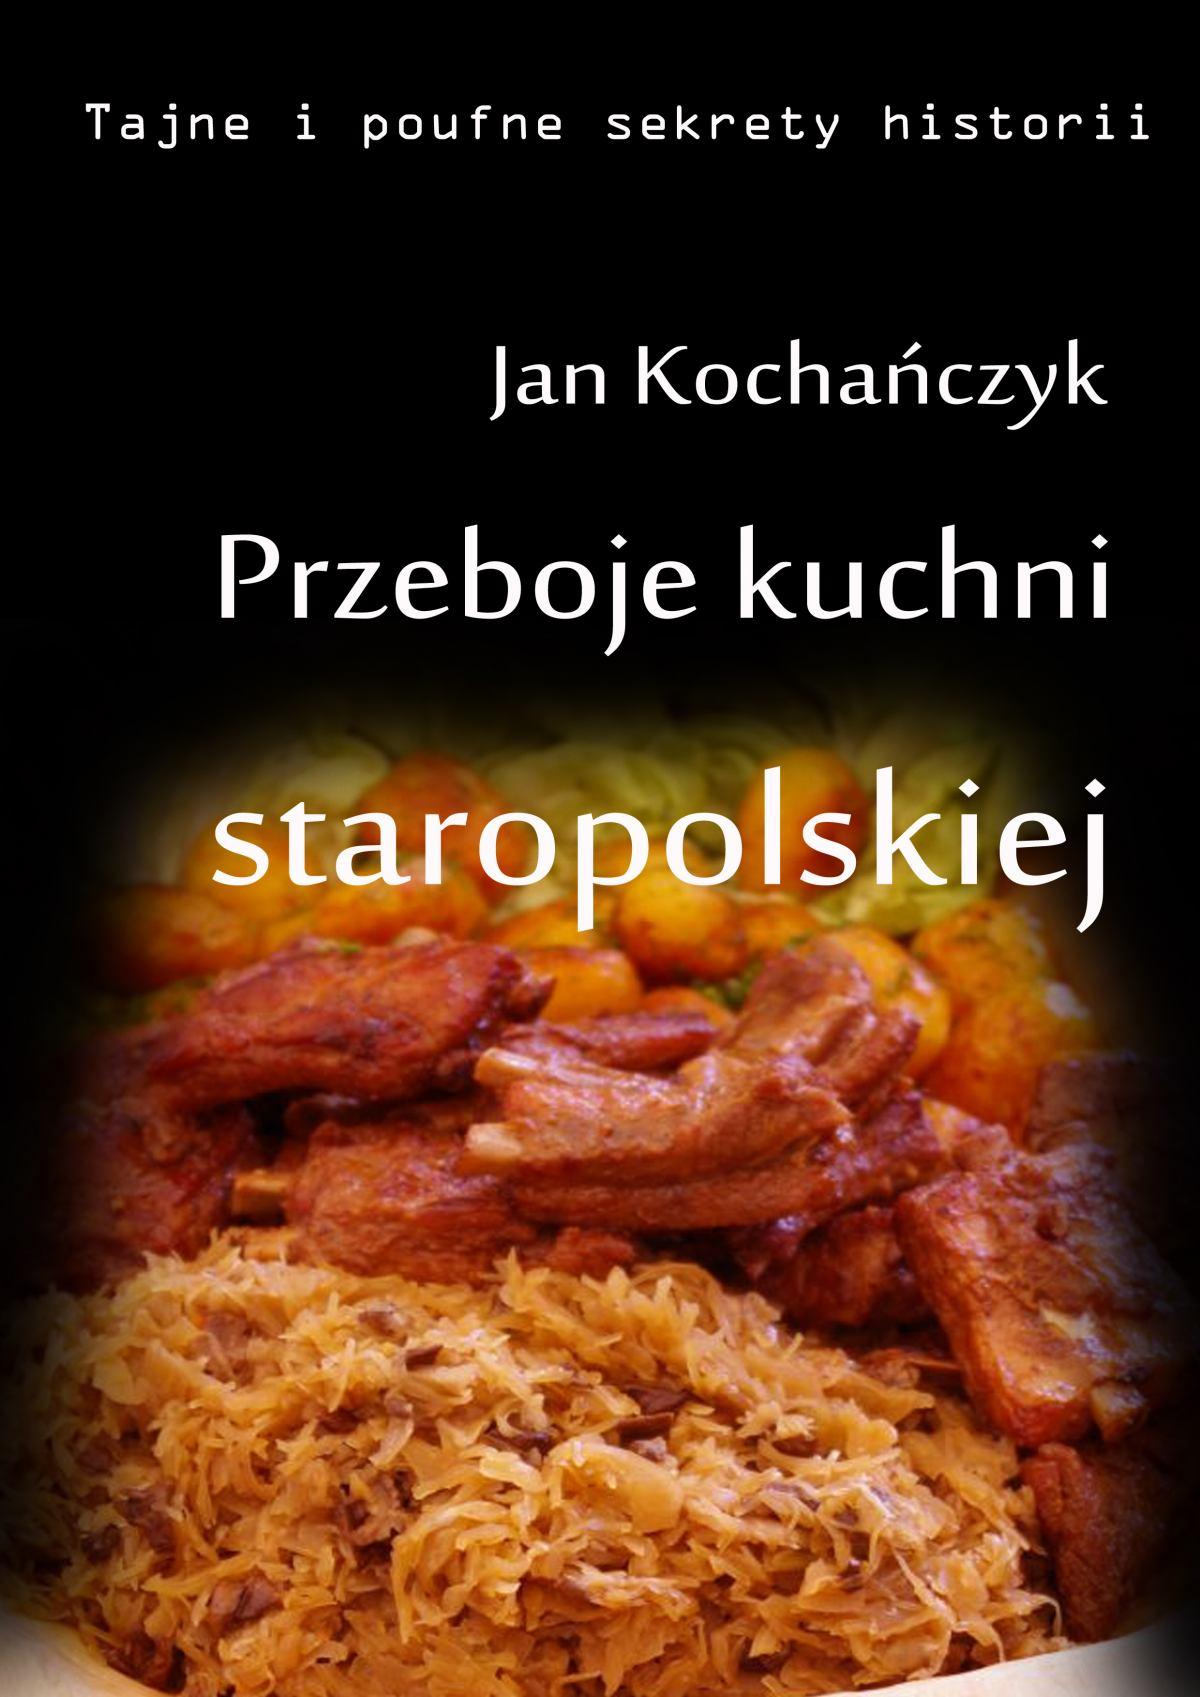 Przeboje kuchni staropolskiej - Ebook (Książka na Kindle) do pobrania w formacie MOBI